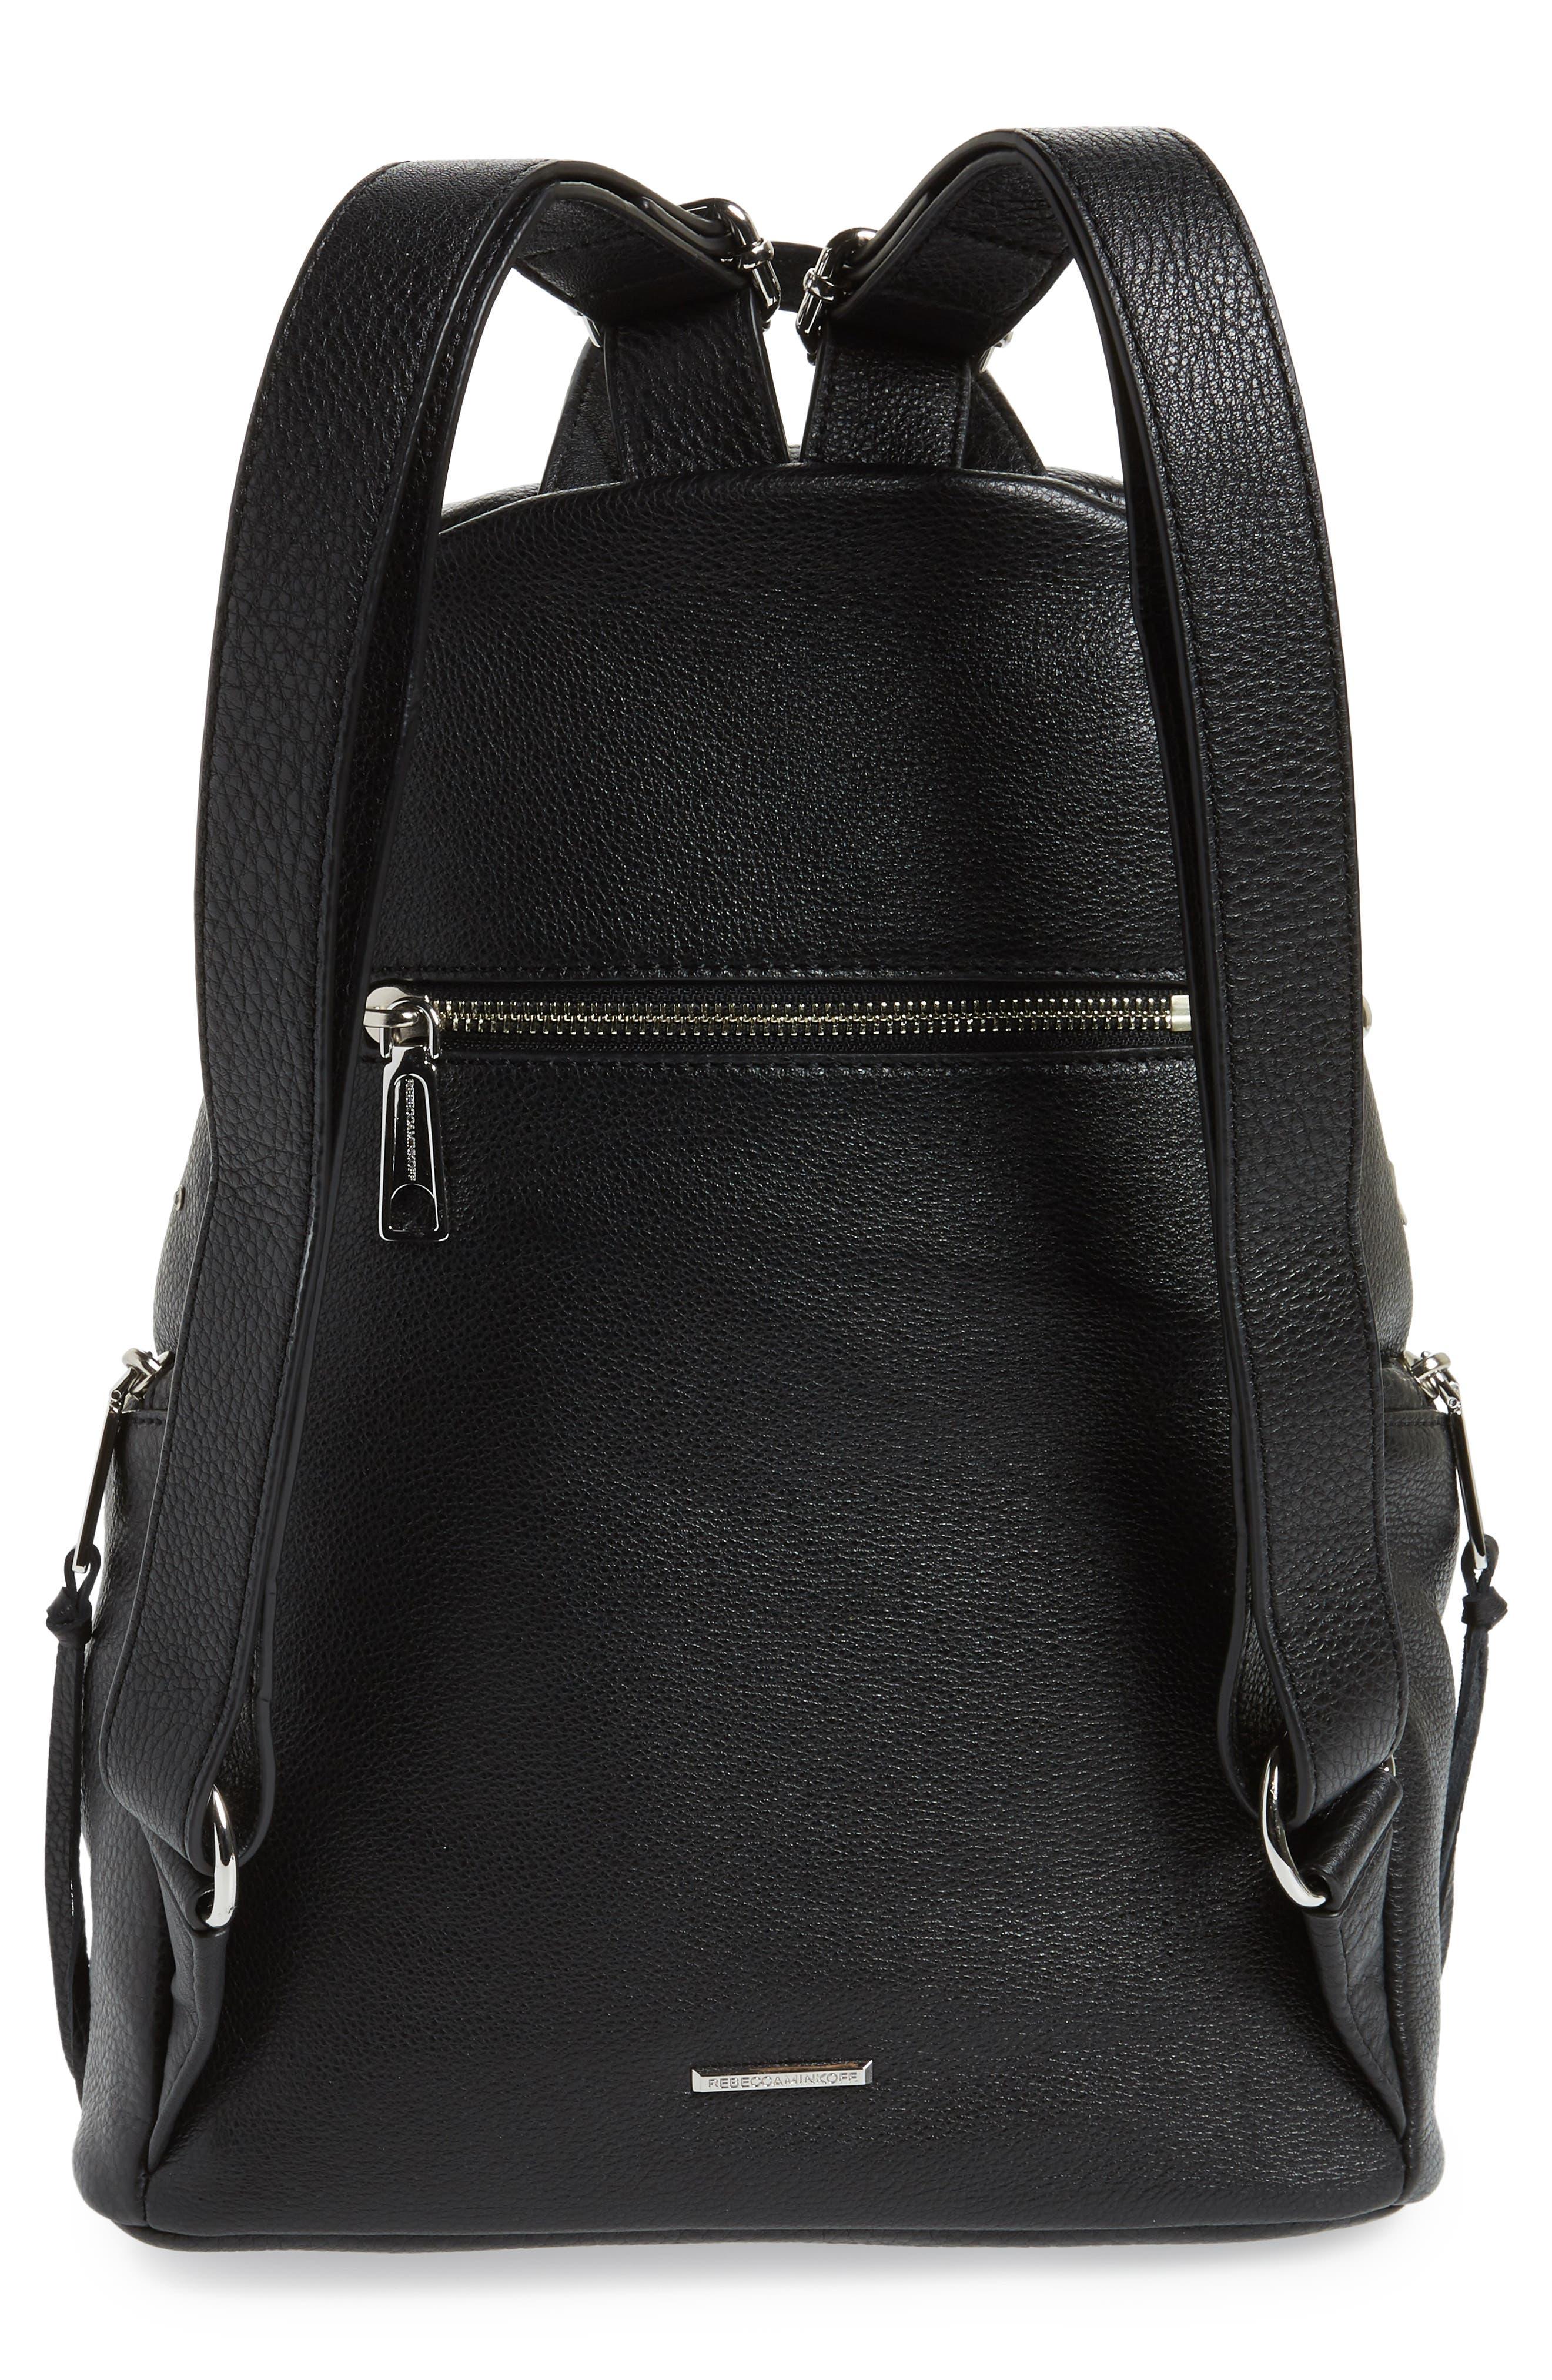 Julian Embellished Leather Backpack,                             Alternate thumbnail 3, color,                             001